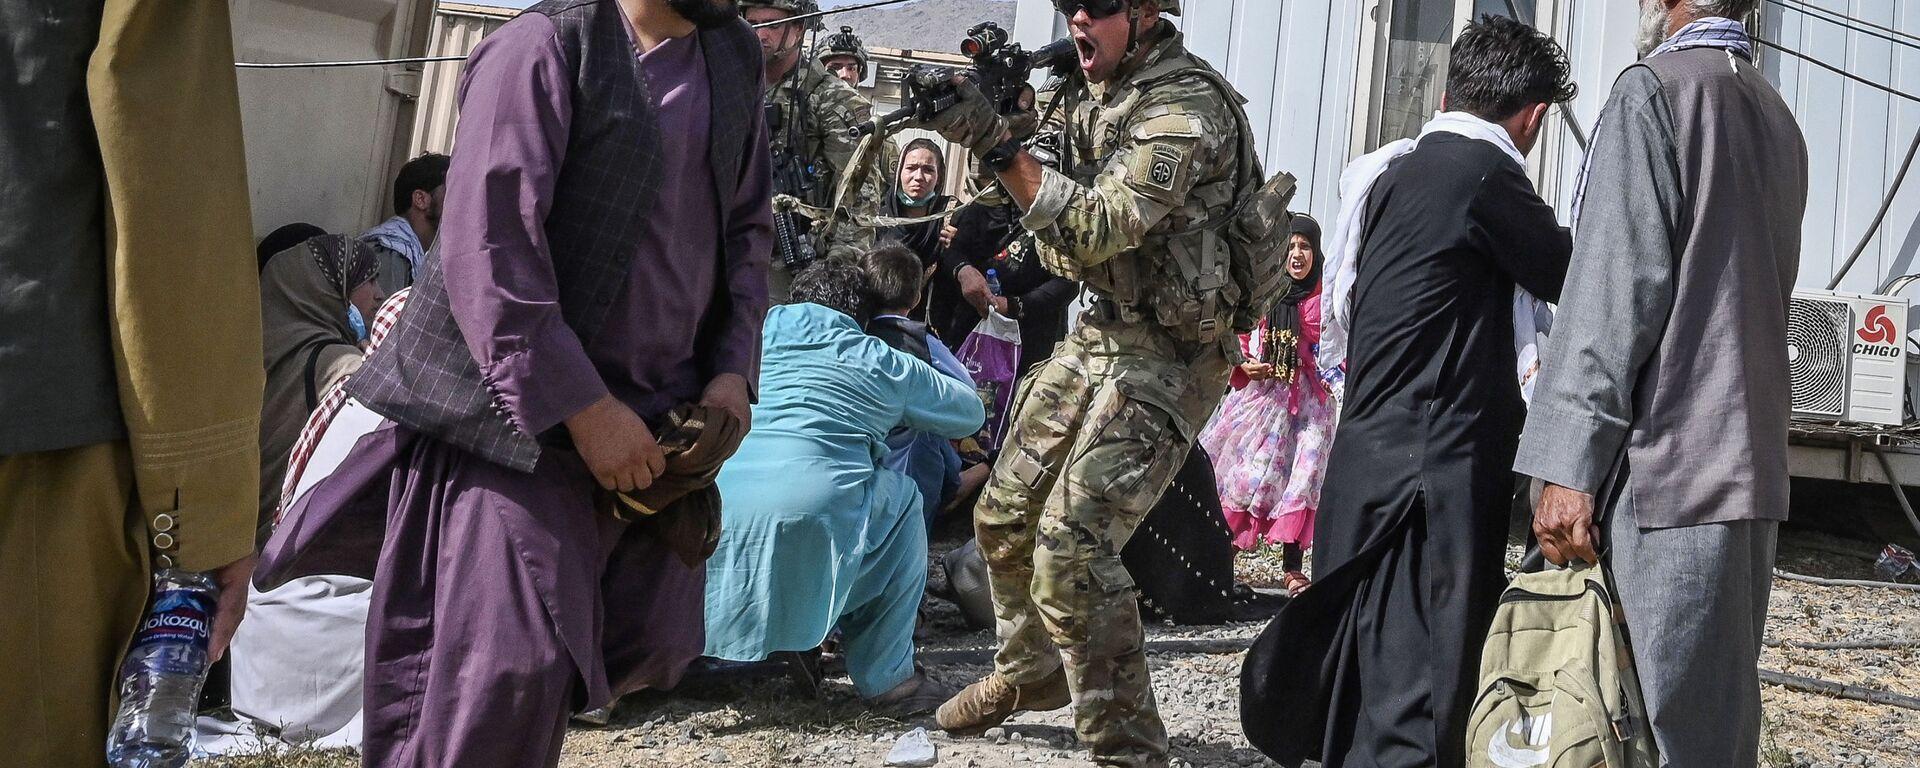 Amerykański żołnierz celuje w Afgańczyka na lotnisku w Kabulu - Sputnik Polska, 1920, 20.08.2021